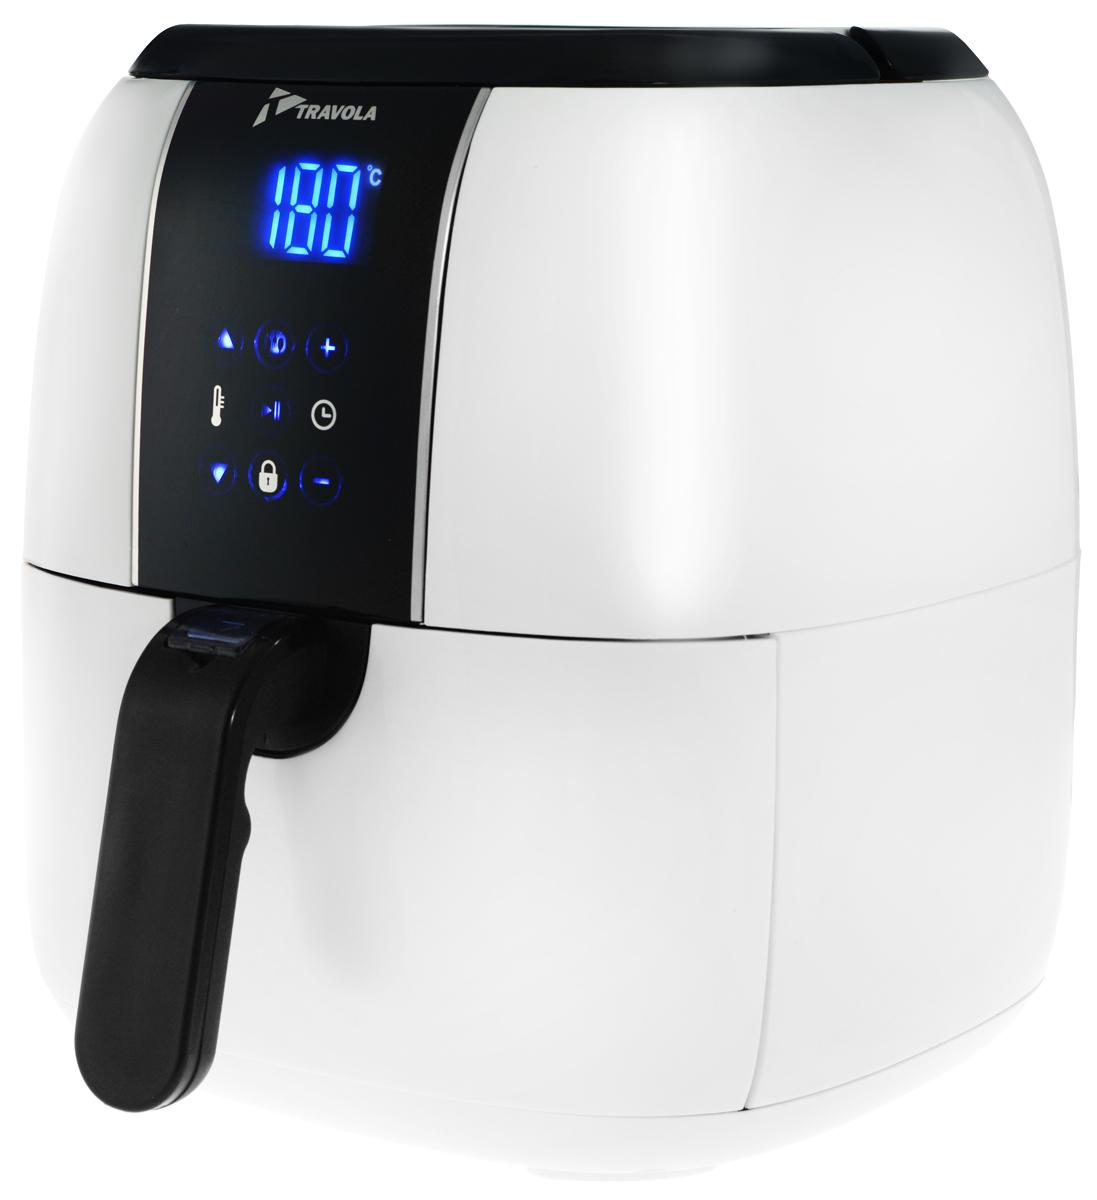 Travola, White аэрогрильAFE02B_whiteАэрогриль Travola - это легкий и быстрый способ приготовить вкусные и полезные блюда. Благодаря циркуляции горячего воздуха вы можете готовить разнообразную пищу, используя минимальное количество масла. Аэрогриль оснащен съемным контейнером с антипригарным покрытием. Встроенный таймер на 60 минут позволяет установить время приготовления. Вы можете регулировать температуру для приготовления пищи в диапазоне 60°С до 200°С. Сенсорная панель управления дает возможность легко выбрать нужную вам программу. Аэрогриль Travola оборудован предохранительным выключателем. При извлечении поддона из аэрогриля во время его работы, устройство прекращает нагрев, а таймер автоматически переключается на паузу, пока поддон не будет помещен назад. Программы: 01 - Замороженная жареная картошка (200°С, 16 минут) 02 - Жареная картошка по-домашнему (200°С, 18 минут) 03 - Стейк (180°С, 15 минут) 04 - Куриные ножки (180°С, 20 минут) 05 - Рыба...